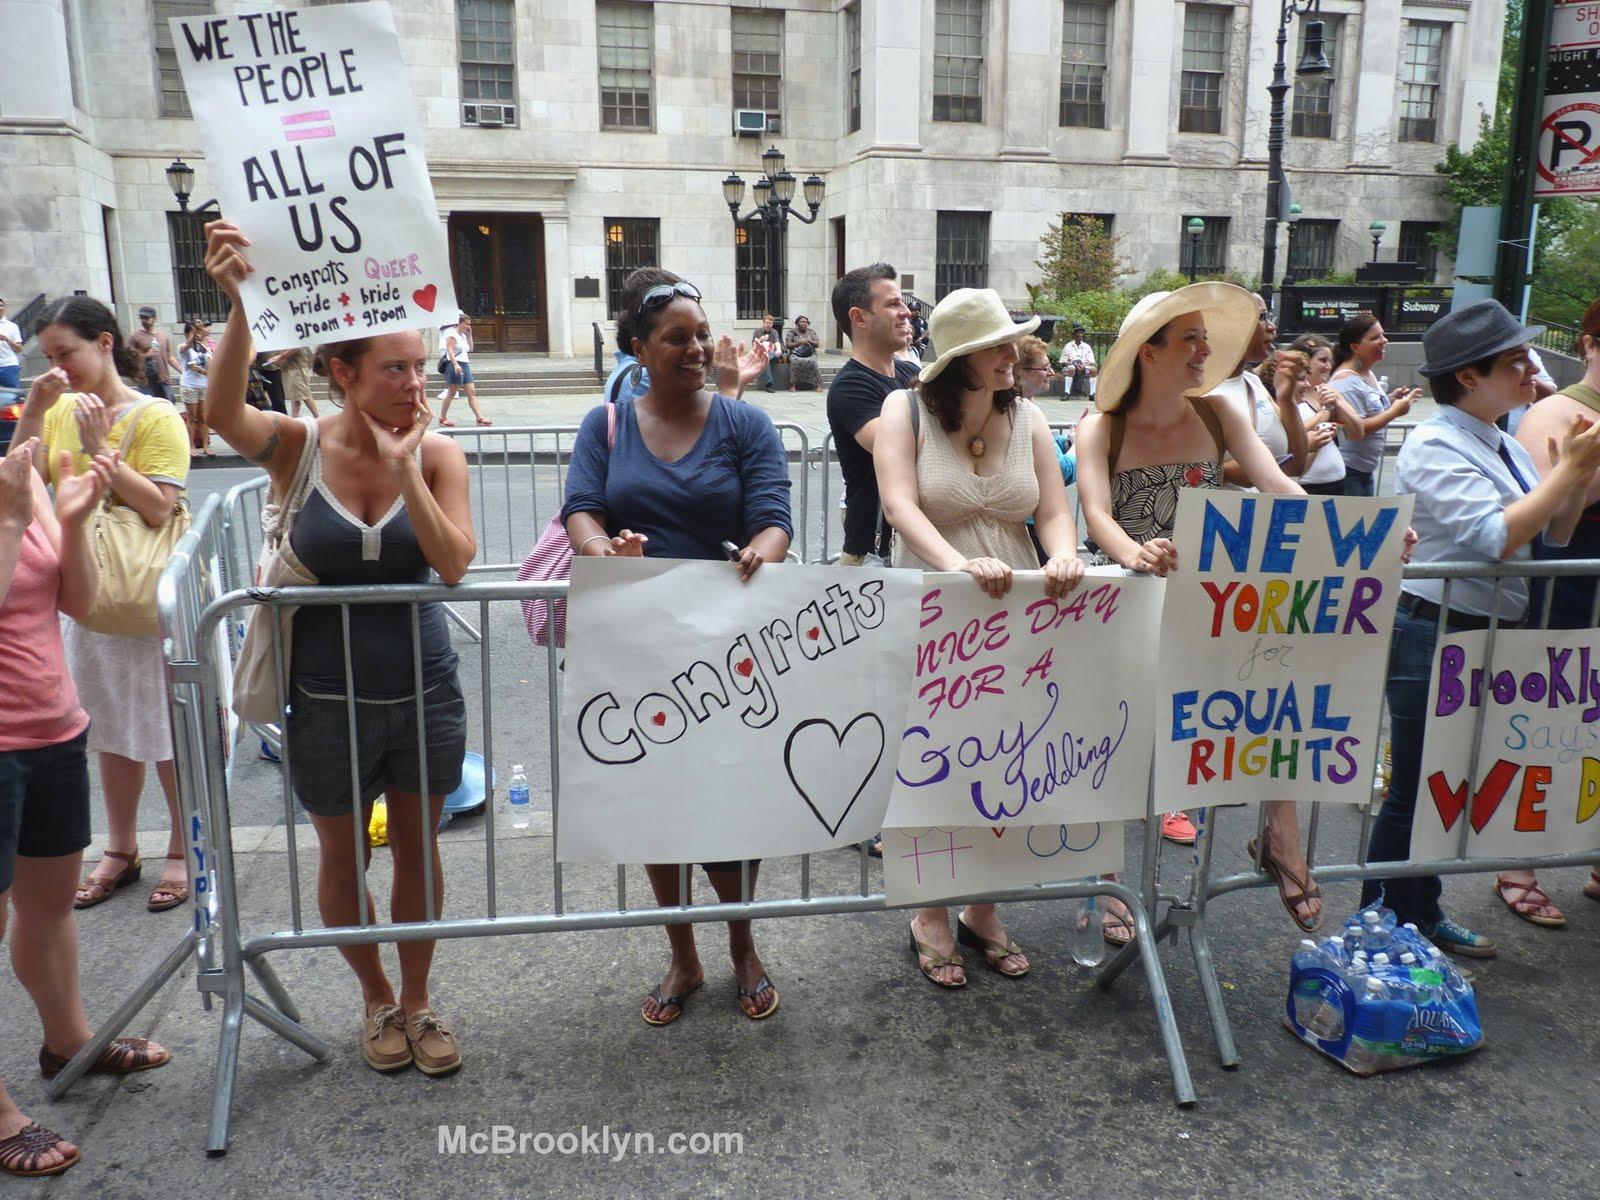 gay mar 3 MKMetz victoria secret young models